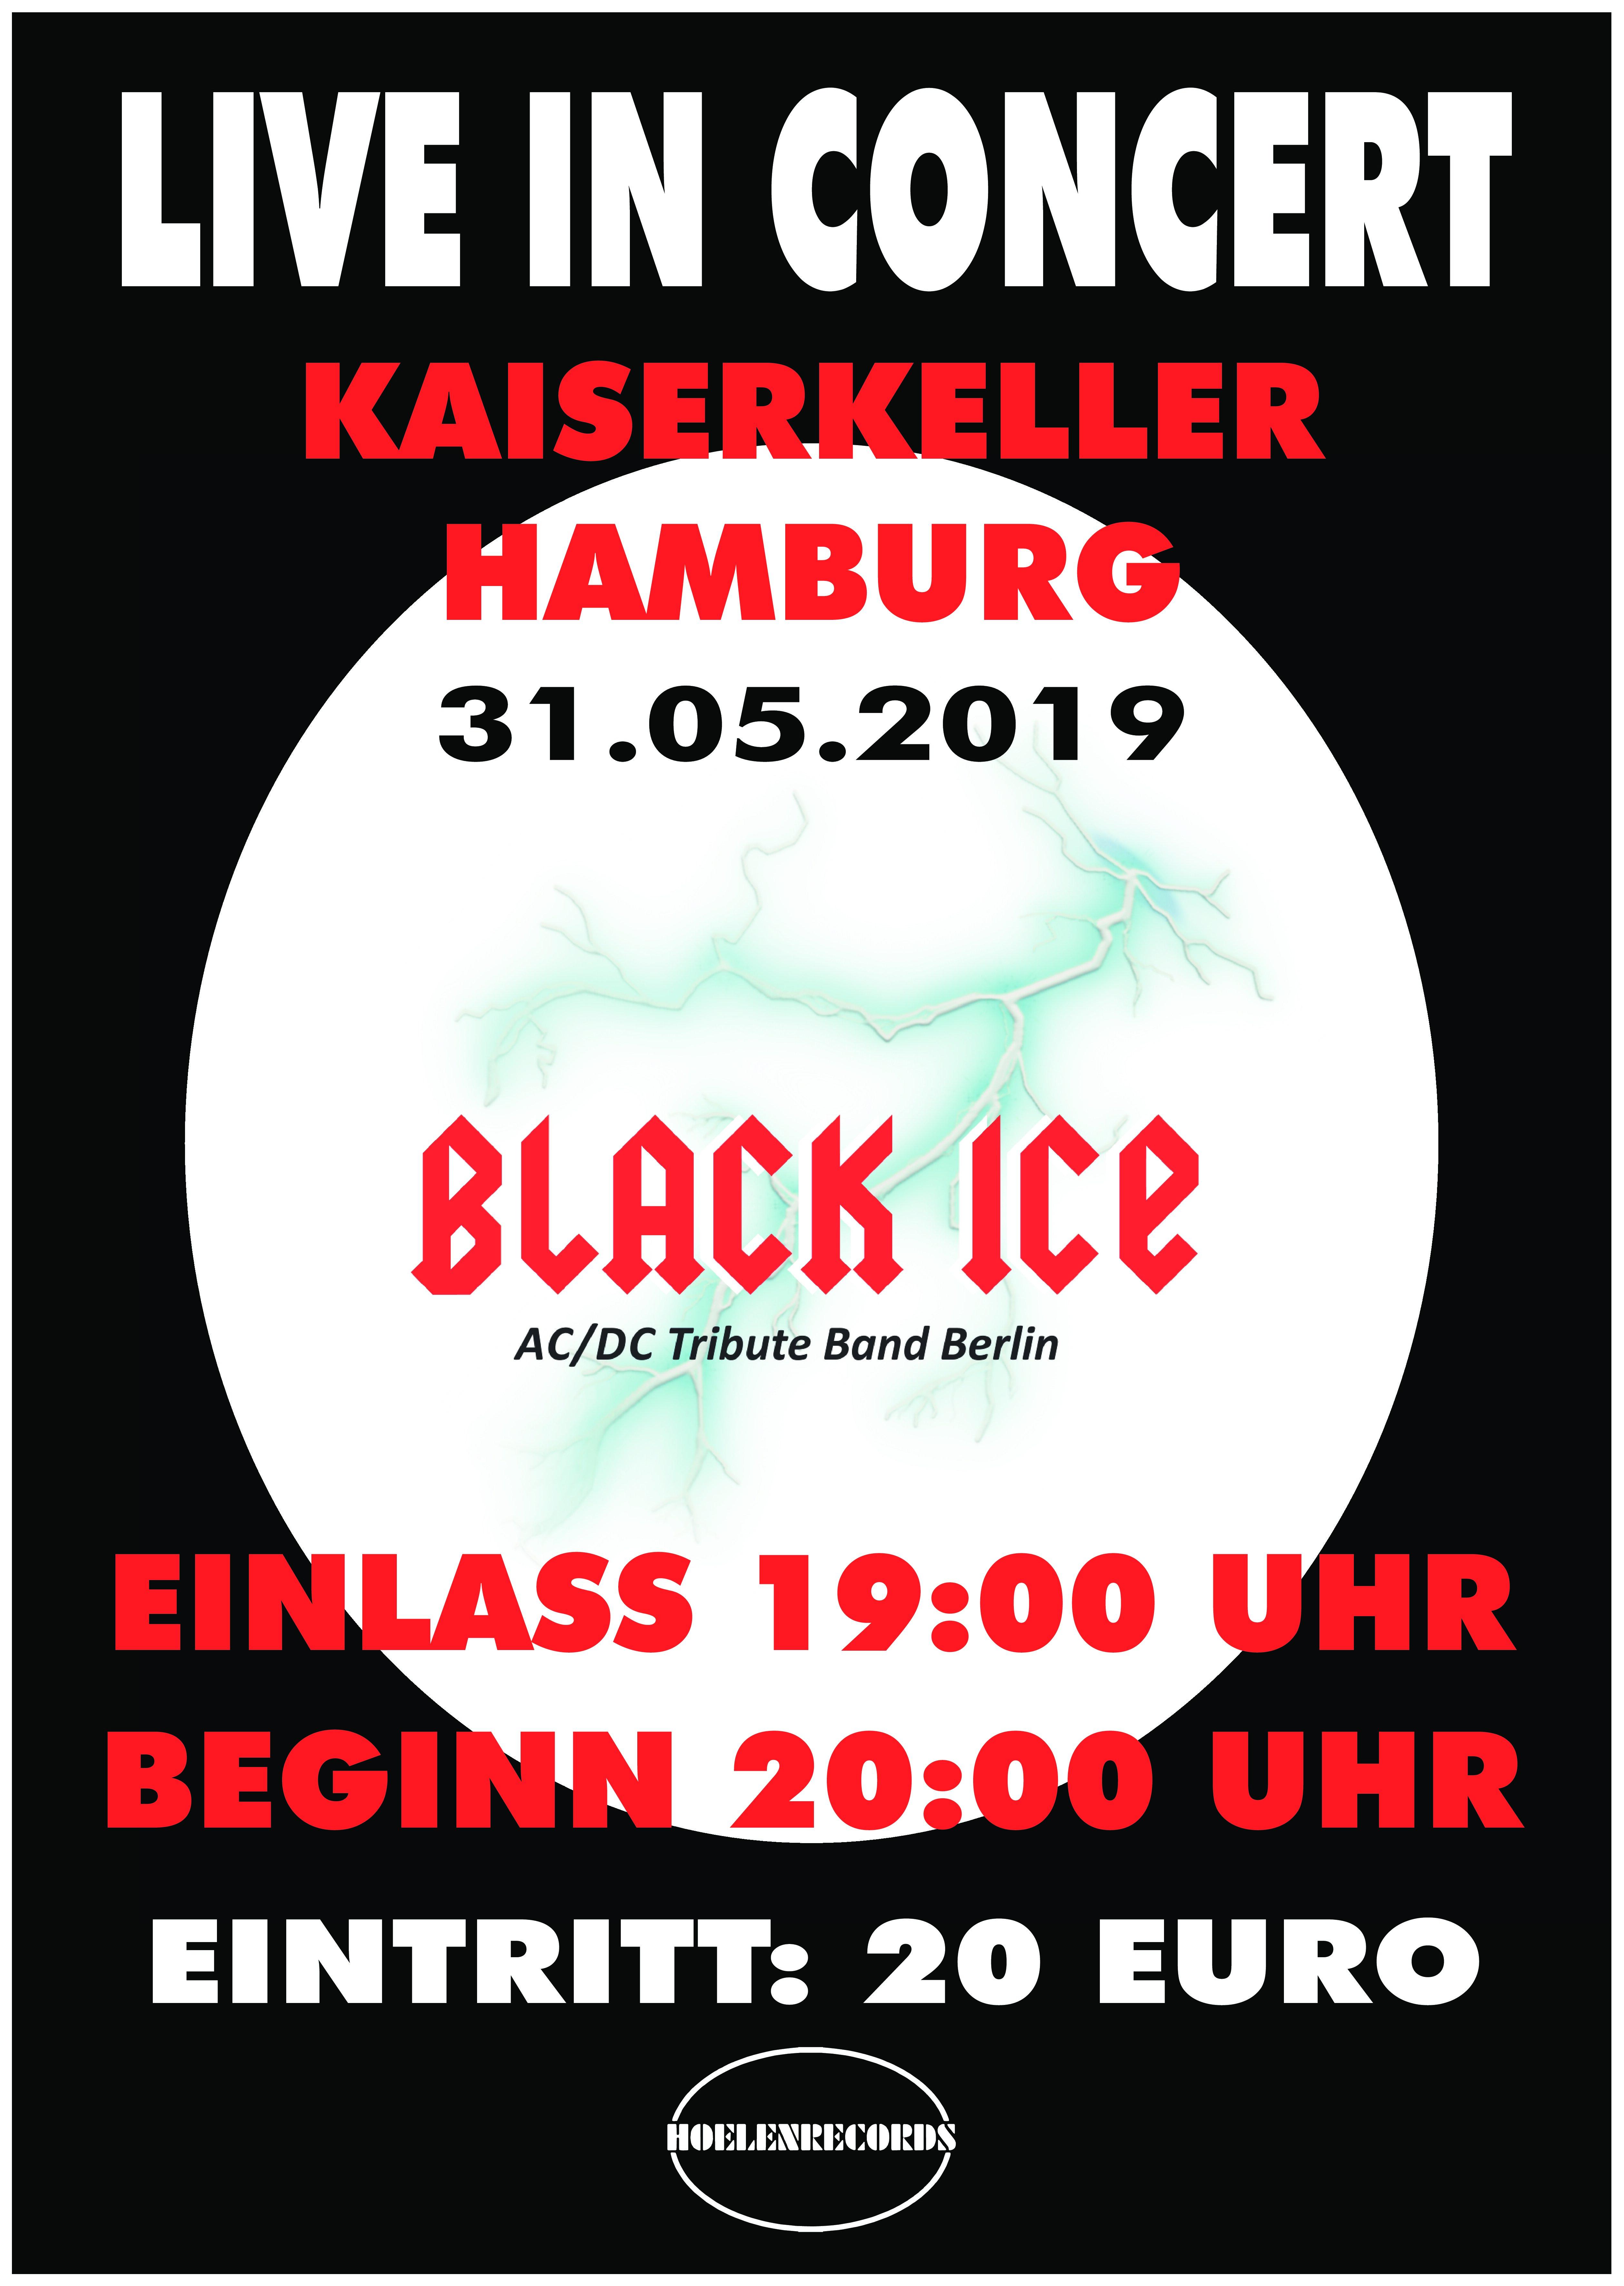 Hamburg Kaiserkeller Plakat